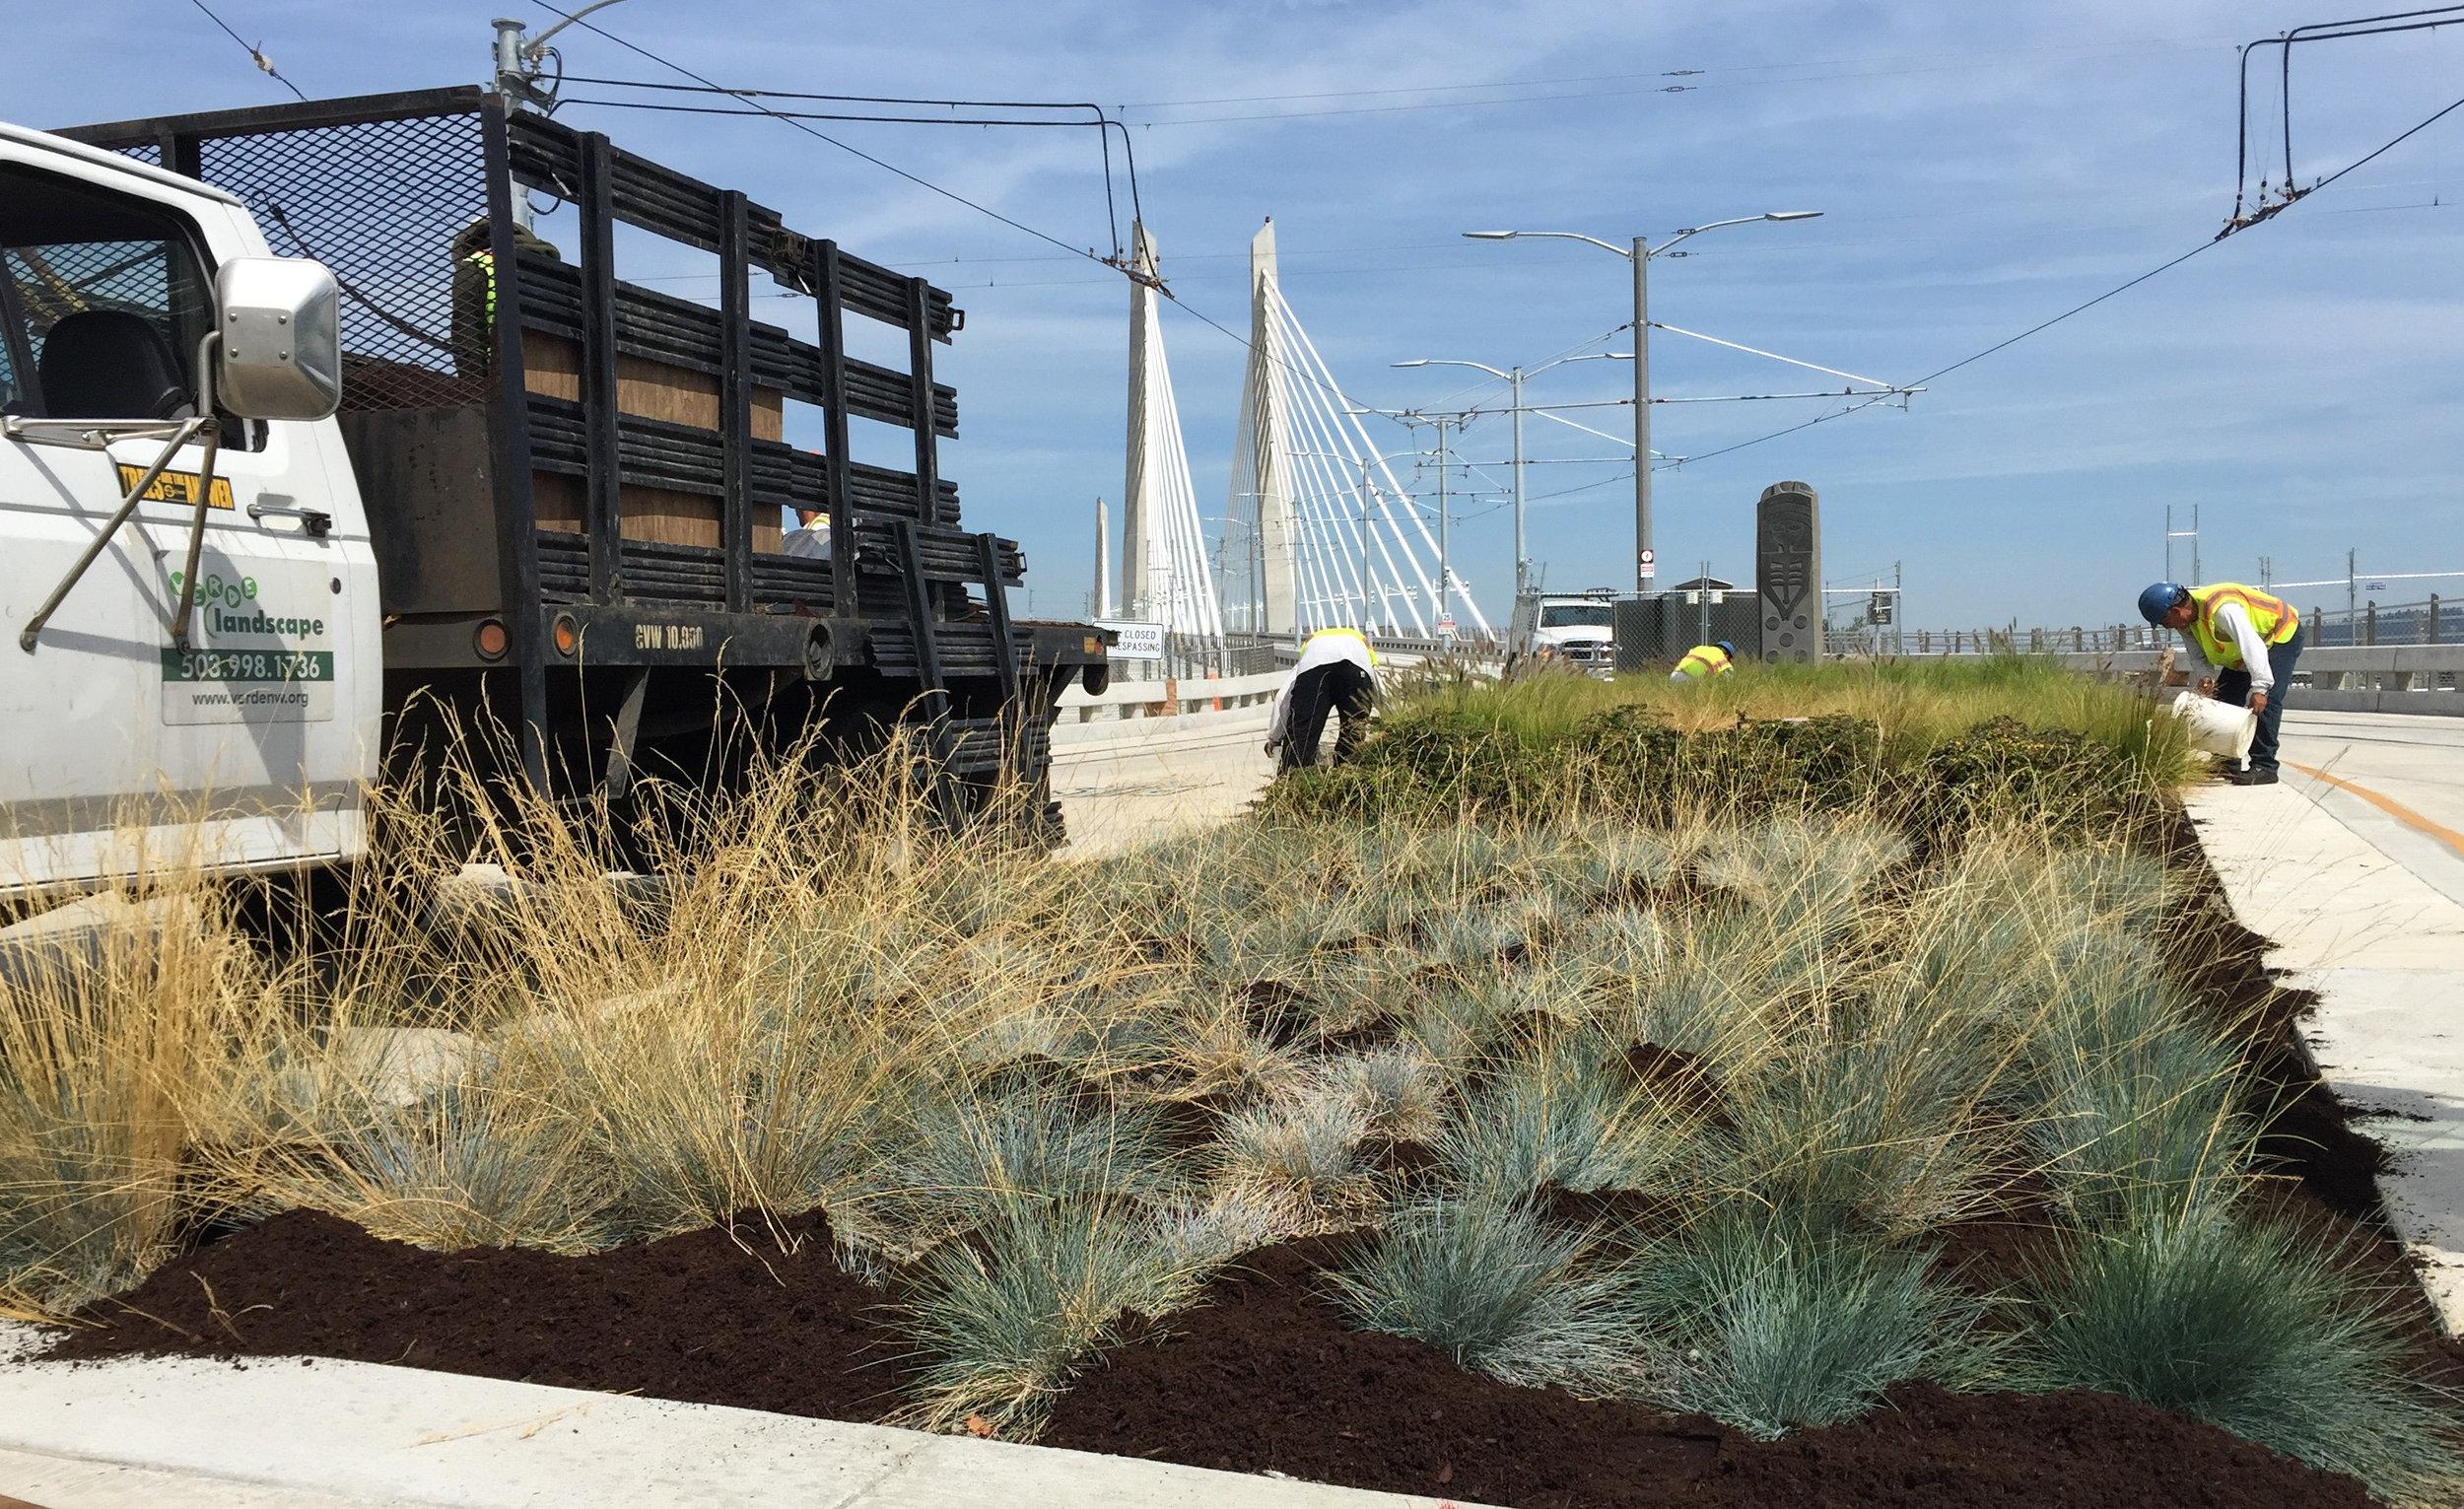 Verde Landscape provides maintenance for the green features of the Tilikum Bridge.